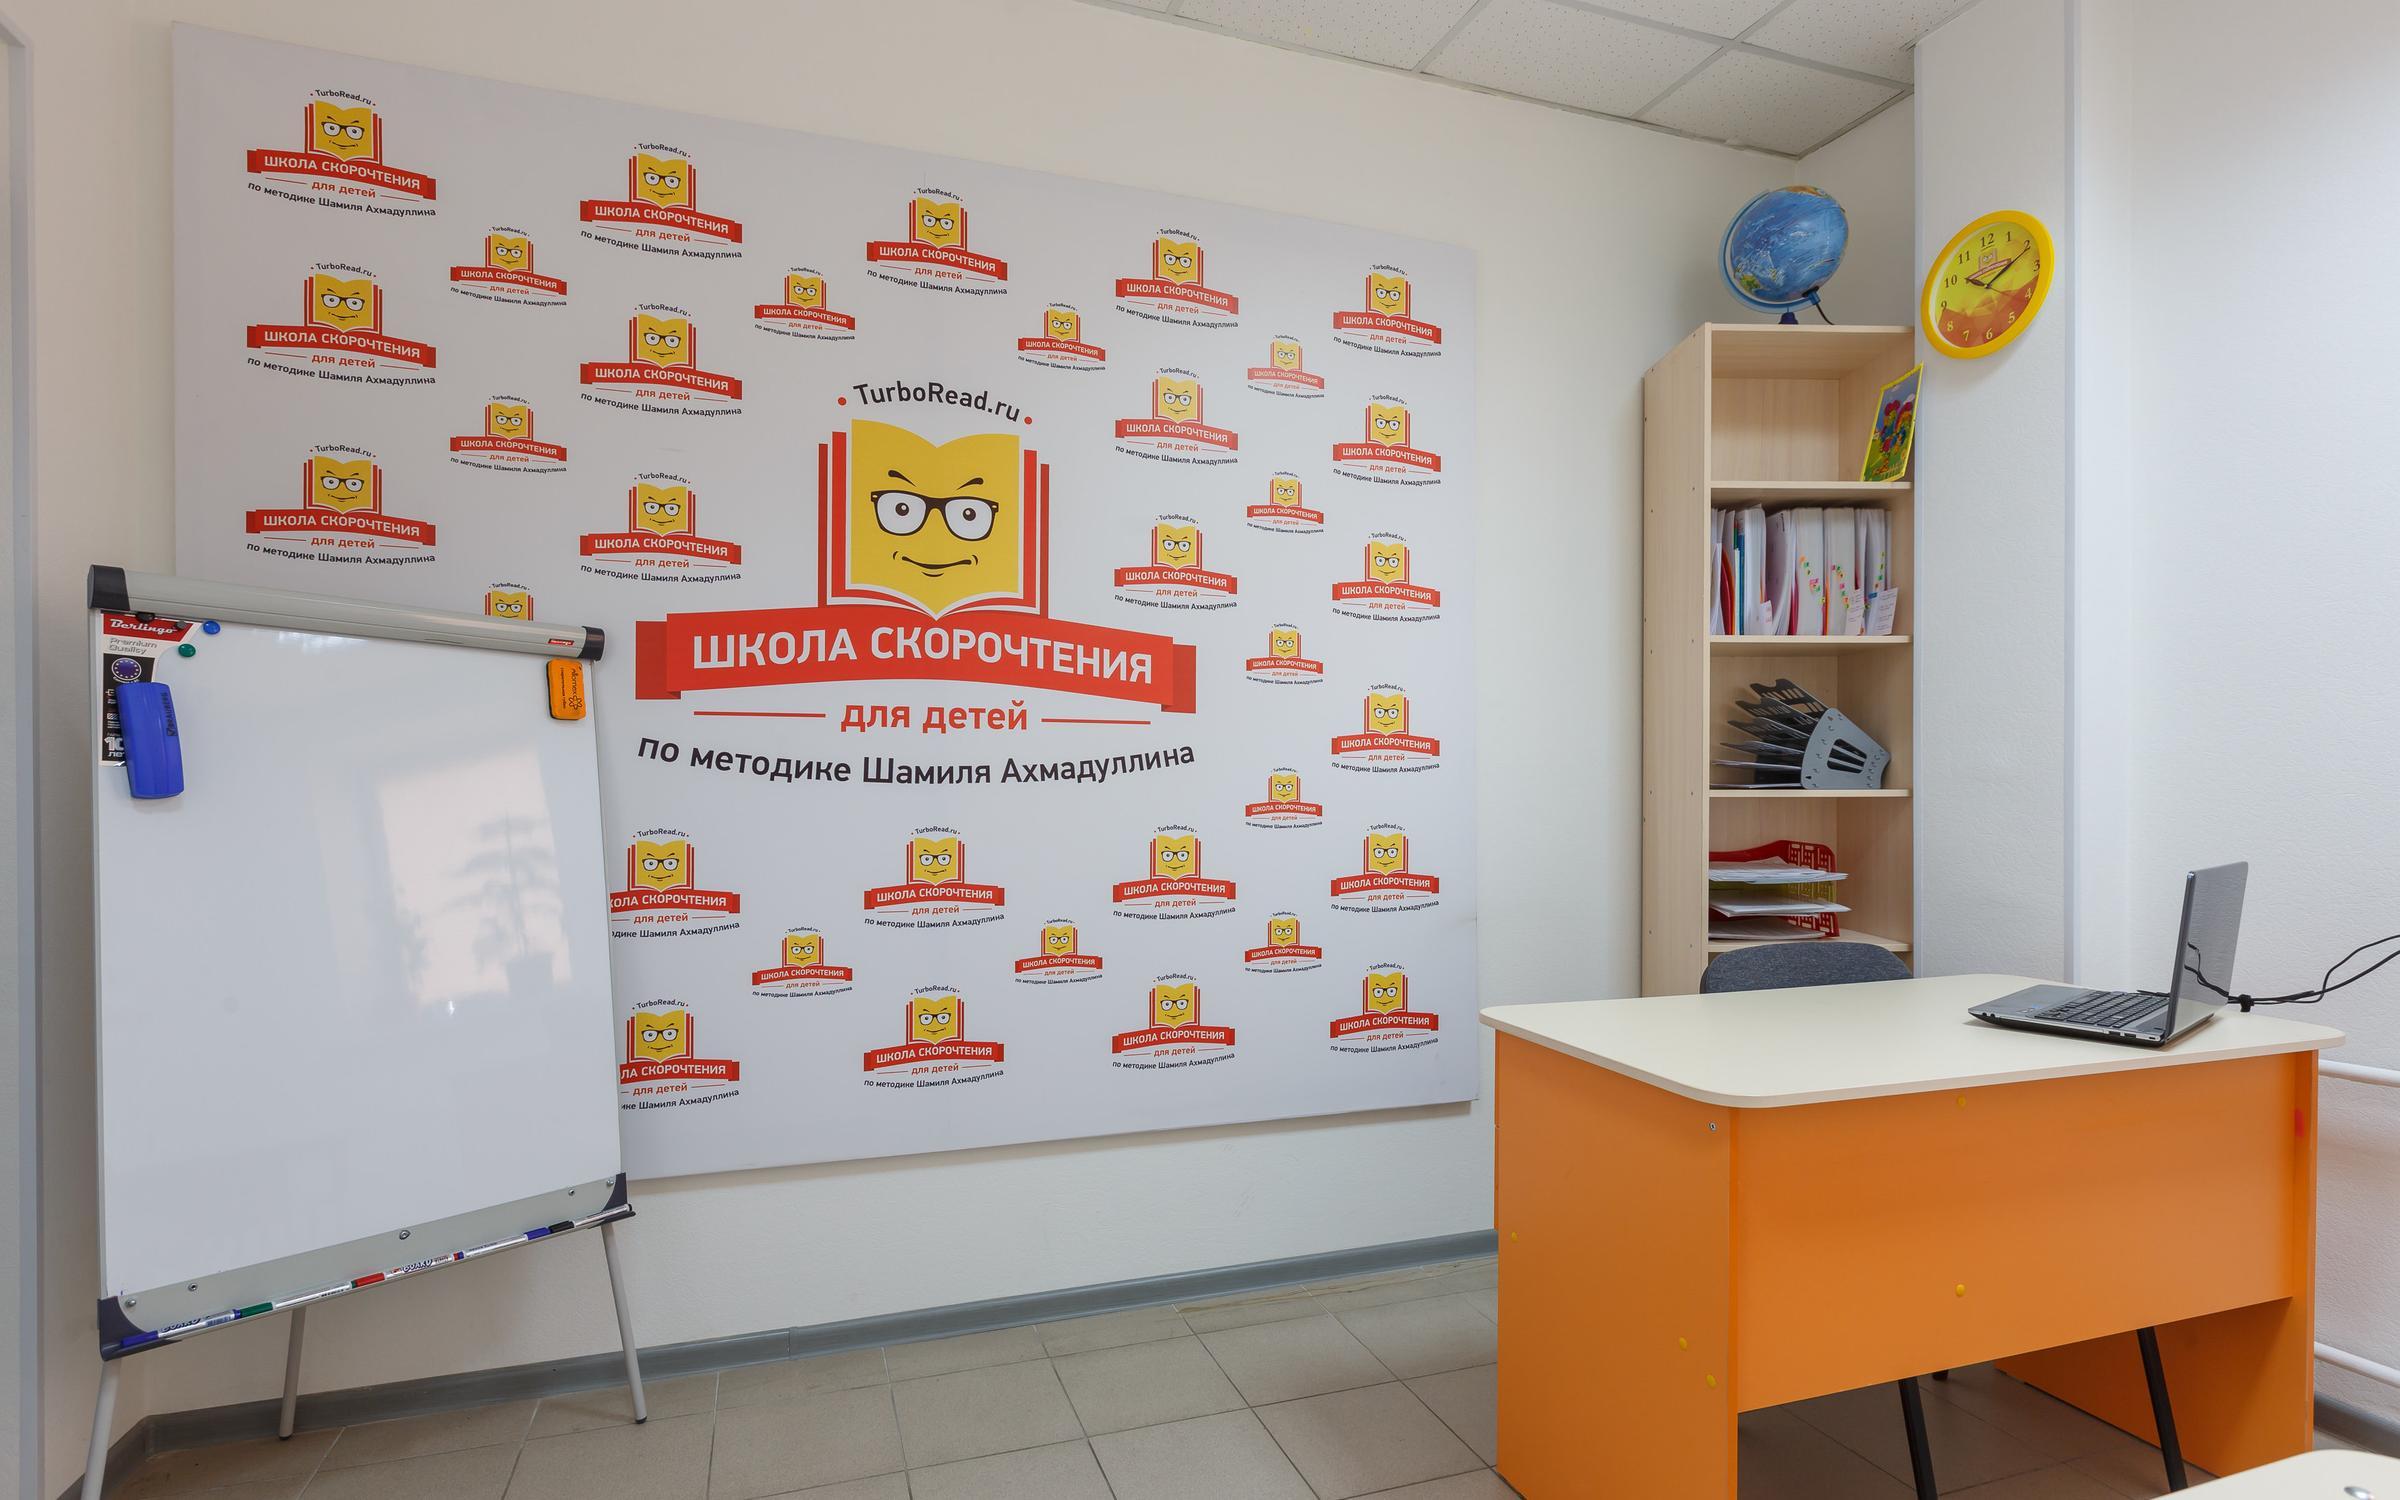 фотография Школы скорочтения и развития памяти по методике Шамиля Ахмадуллина